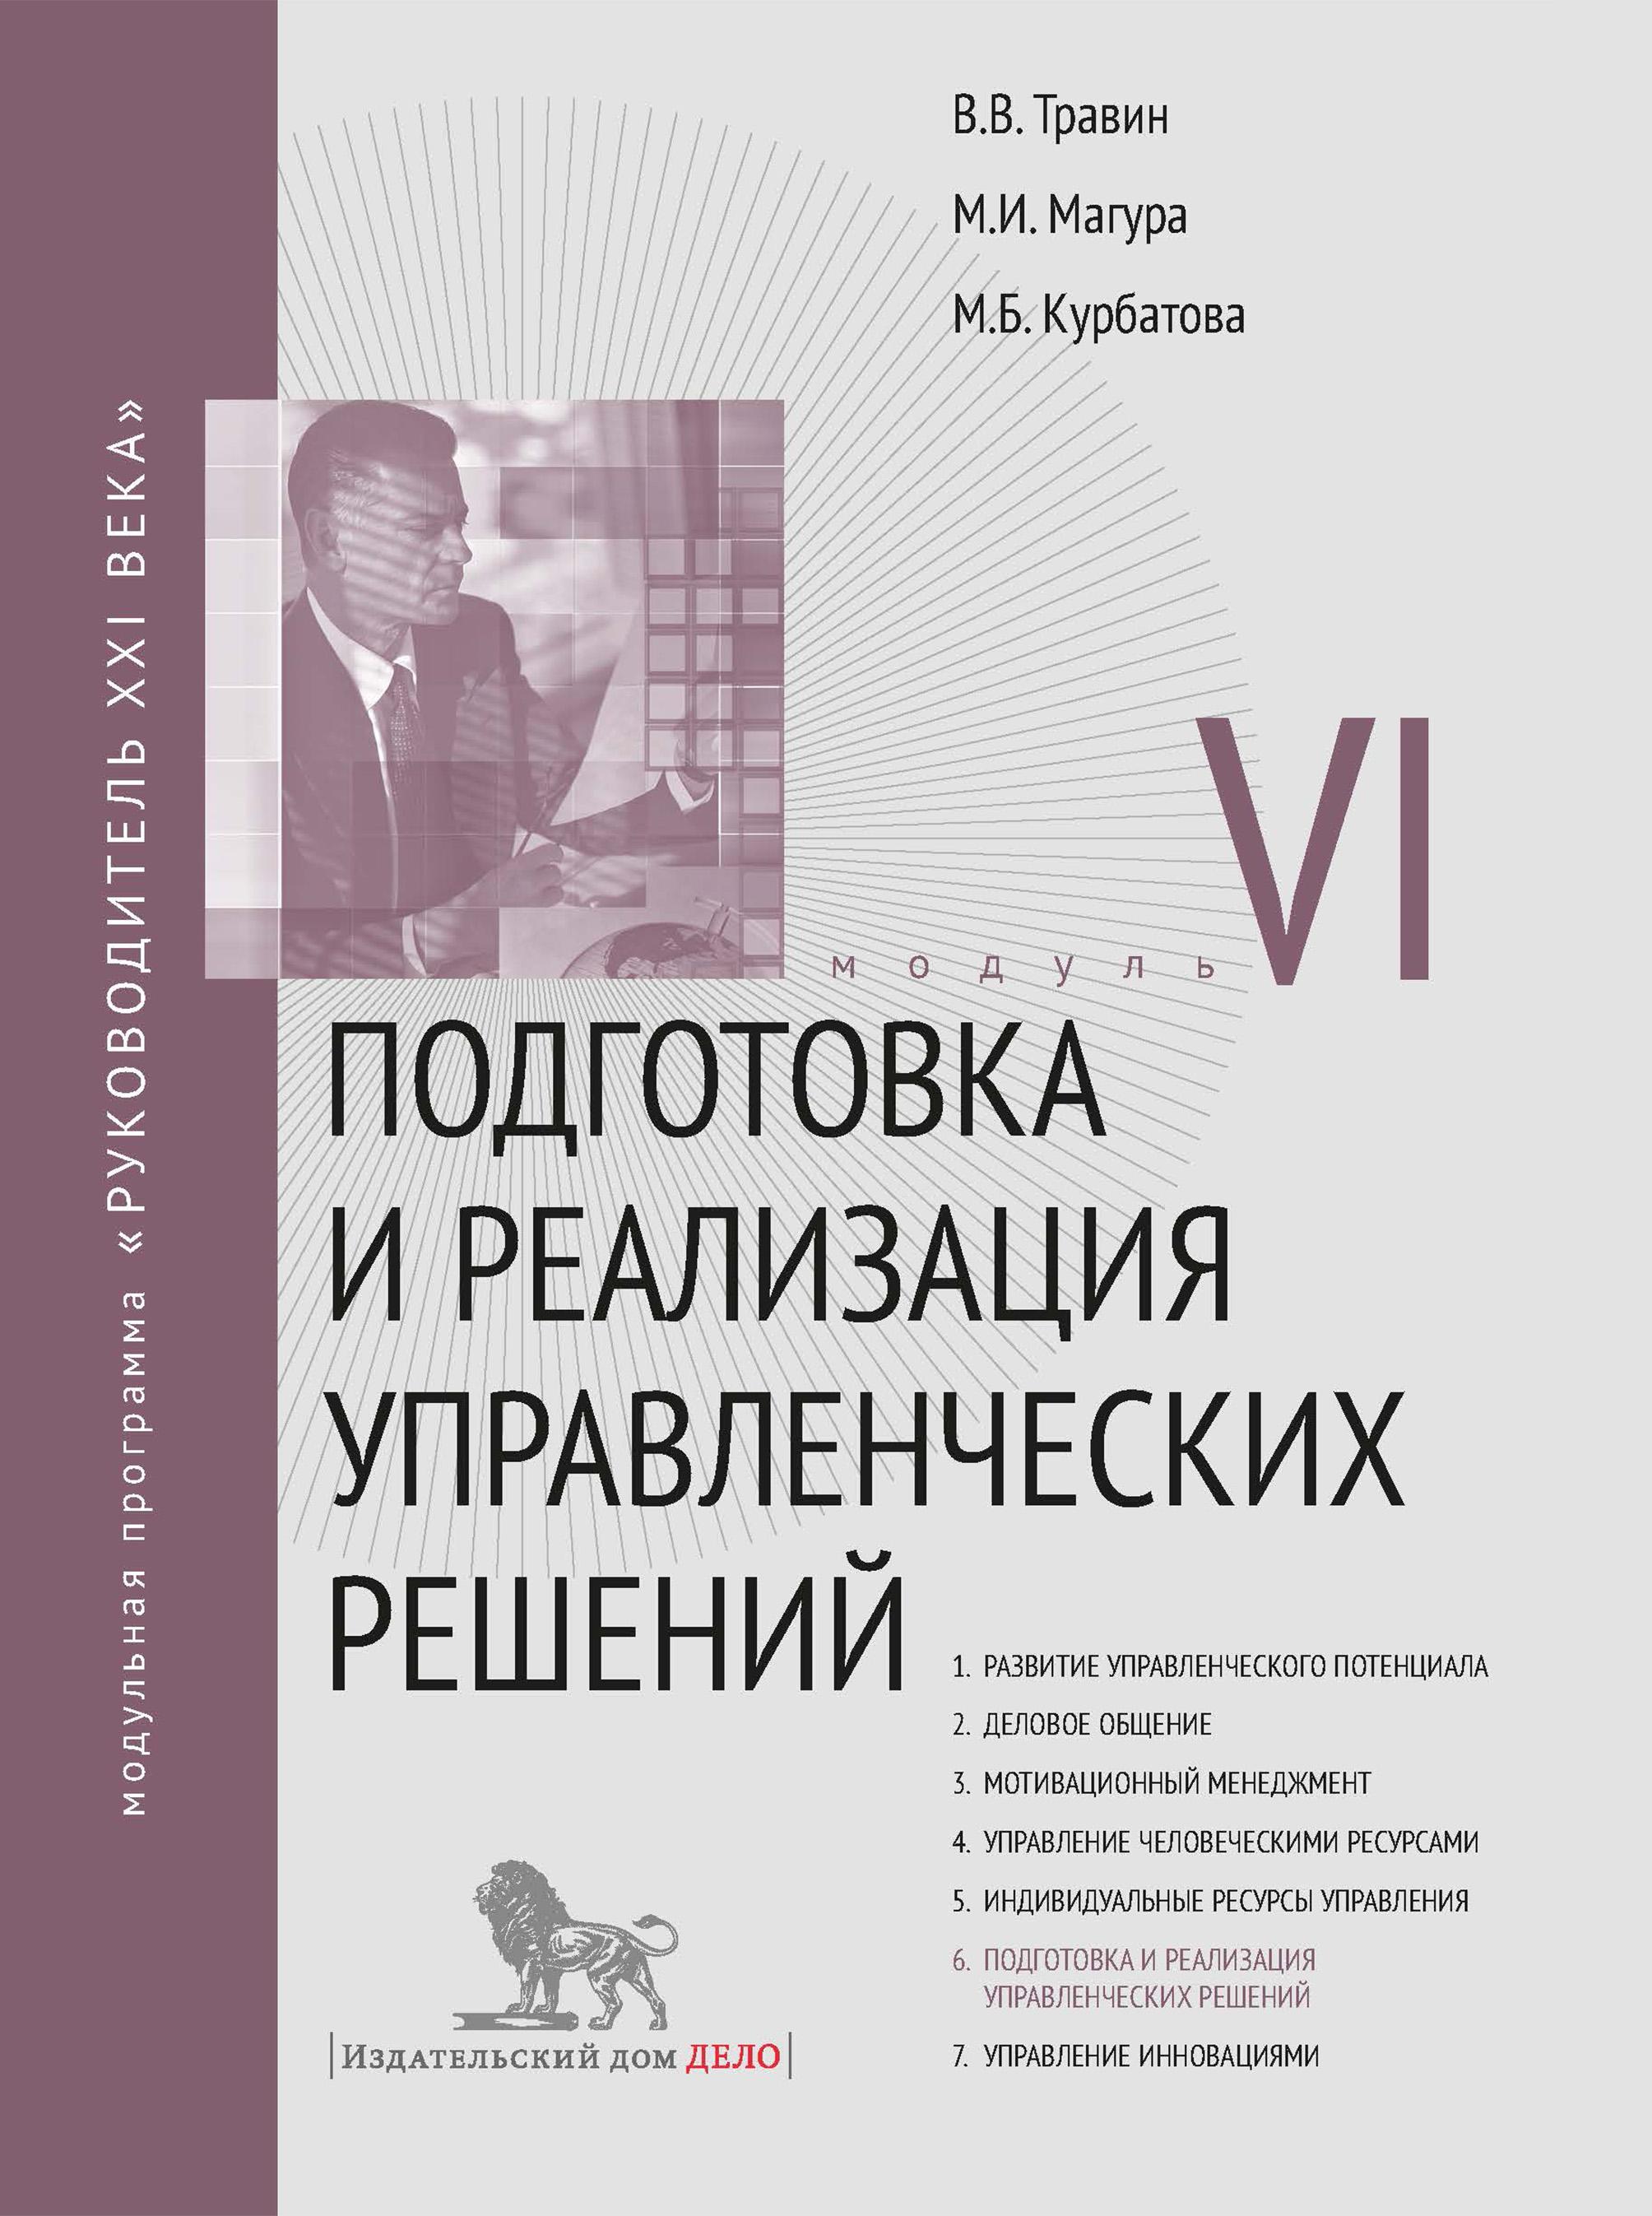 Подготовка и реализация управленческих решений. Модуль VI